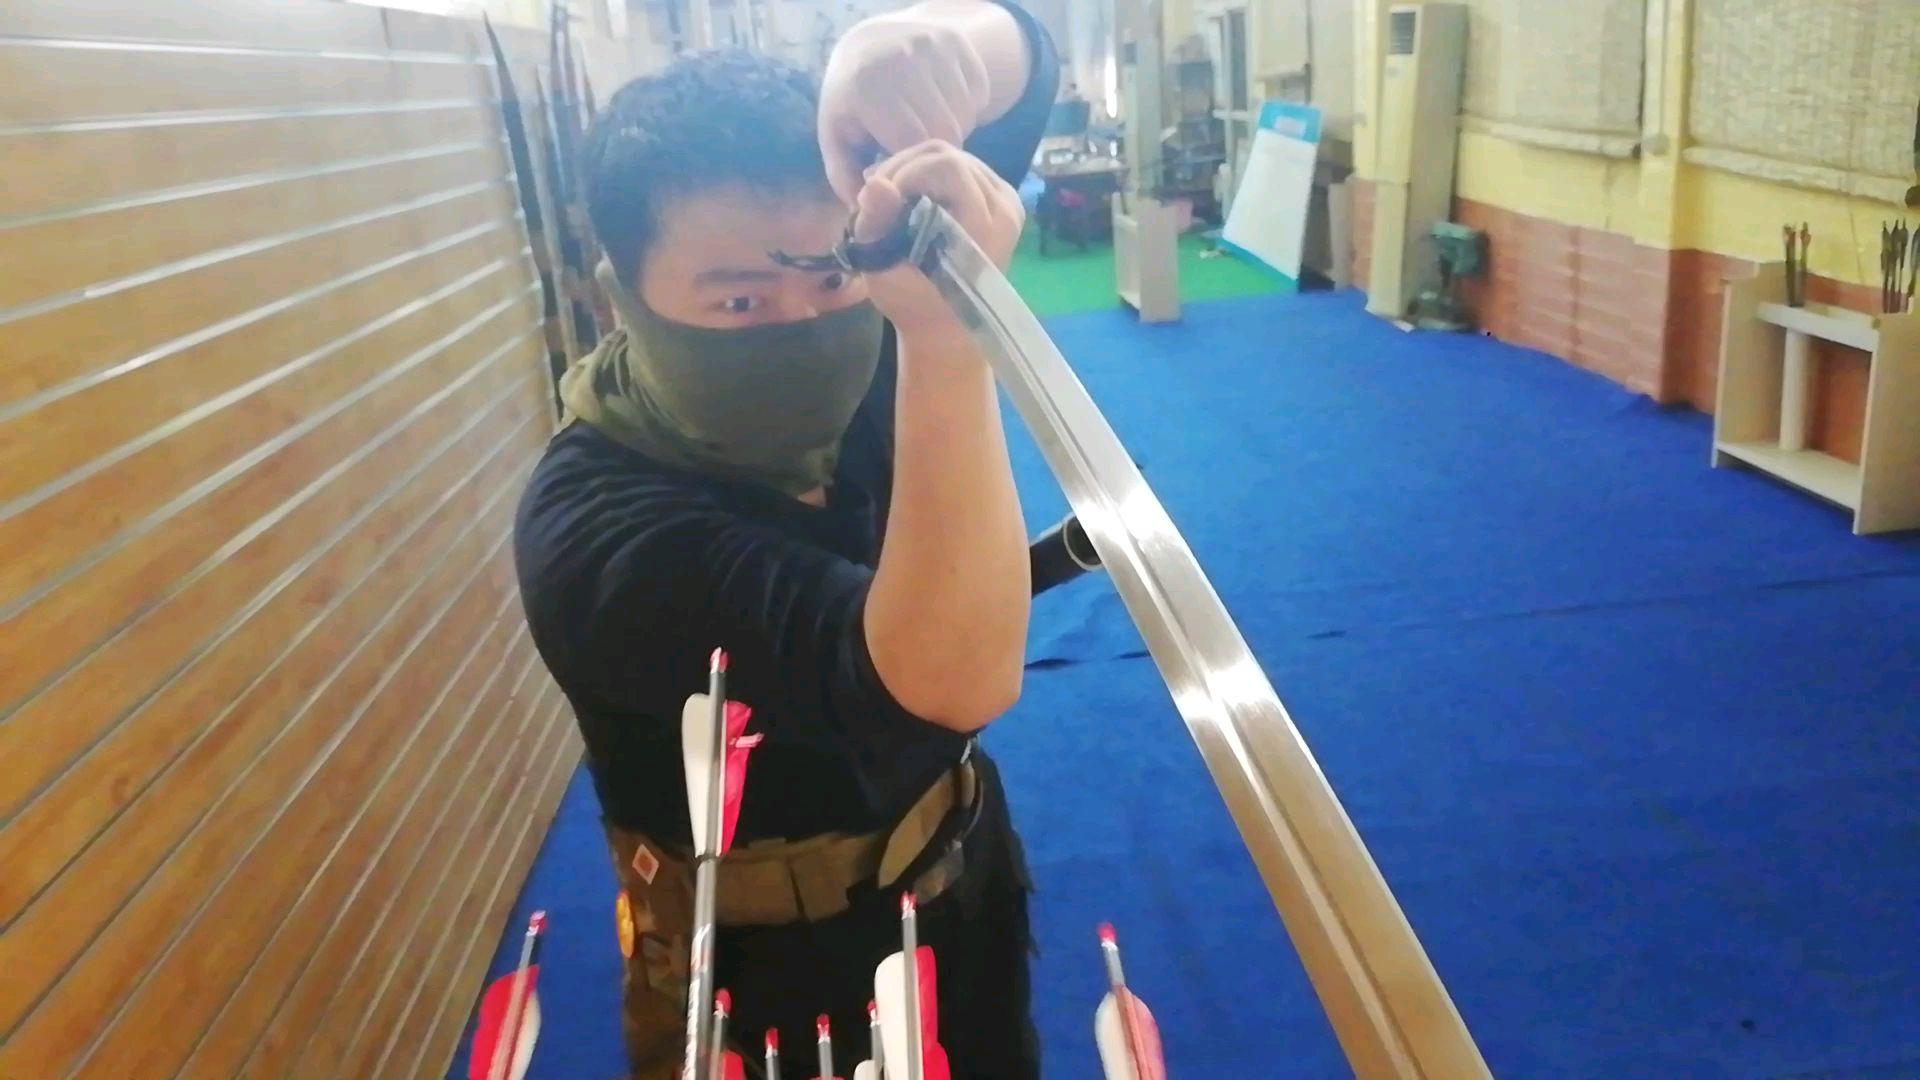 传统弓,靶子第一人称视角,你已经死了